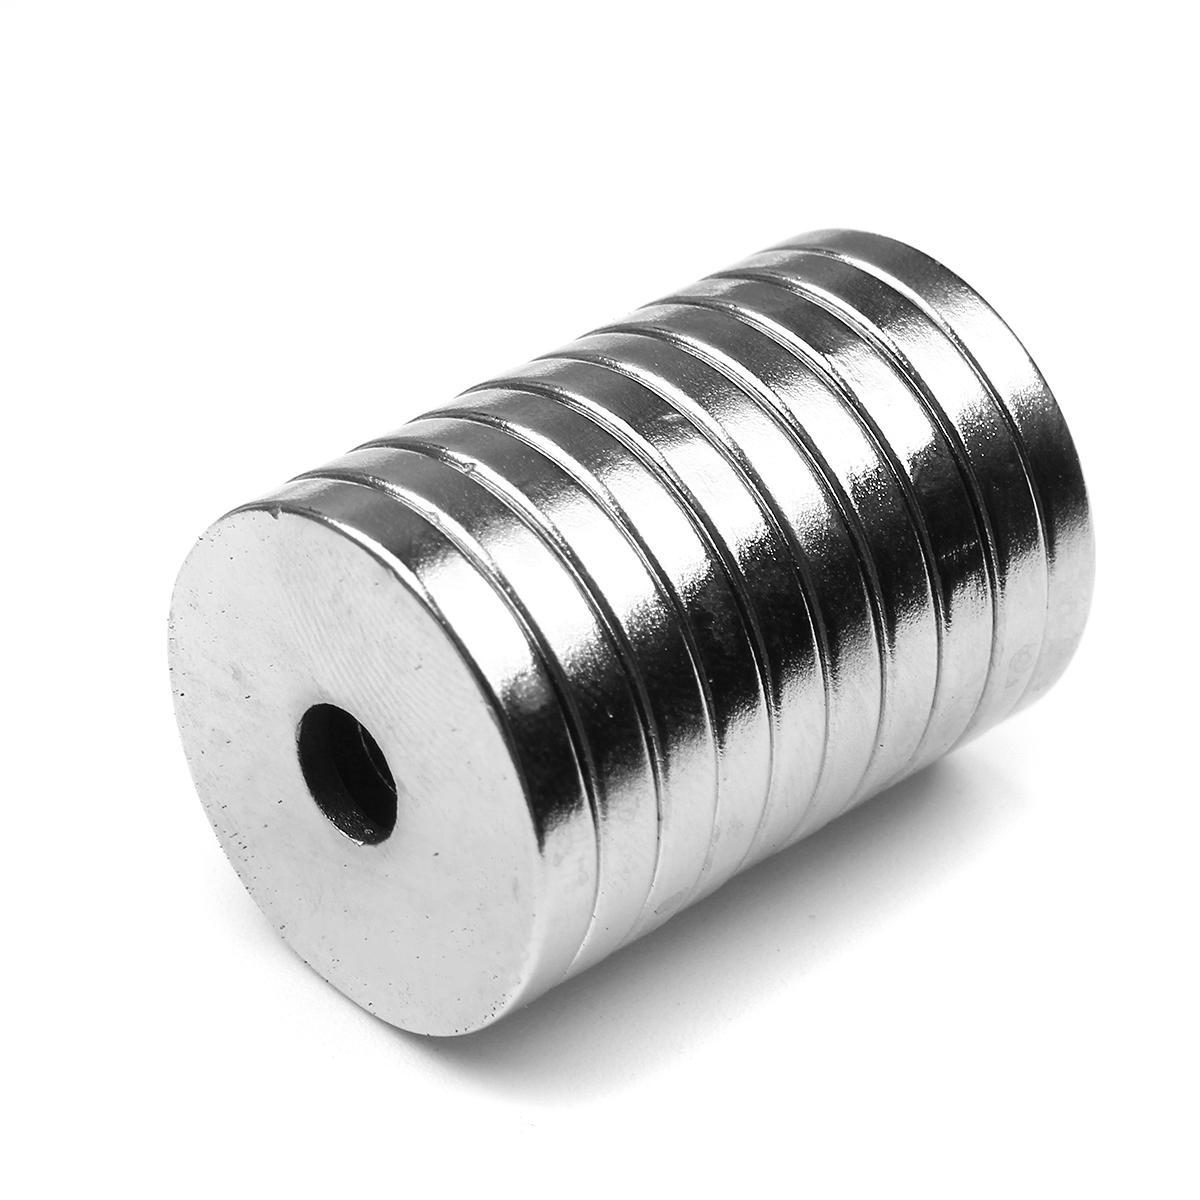 10 Adet 20x3mm NdFeB Neodimyum Mıktanıs 3mm Delik Havşa Yuvarlak Yüzük ile Mıknatıslar